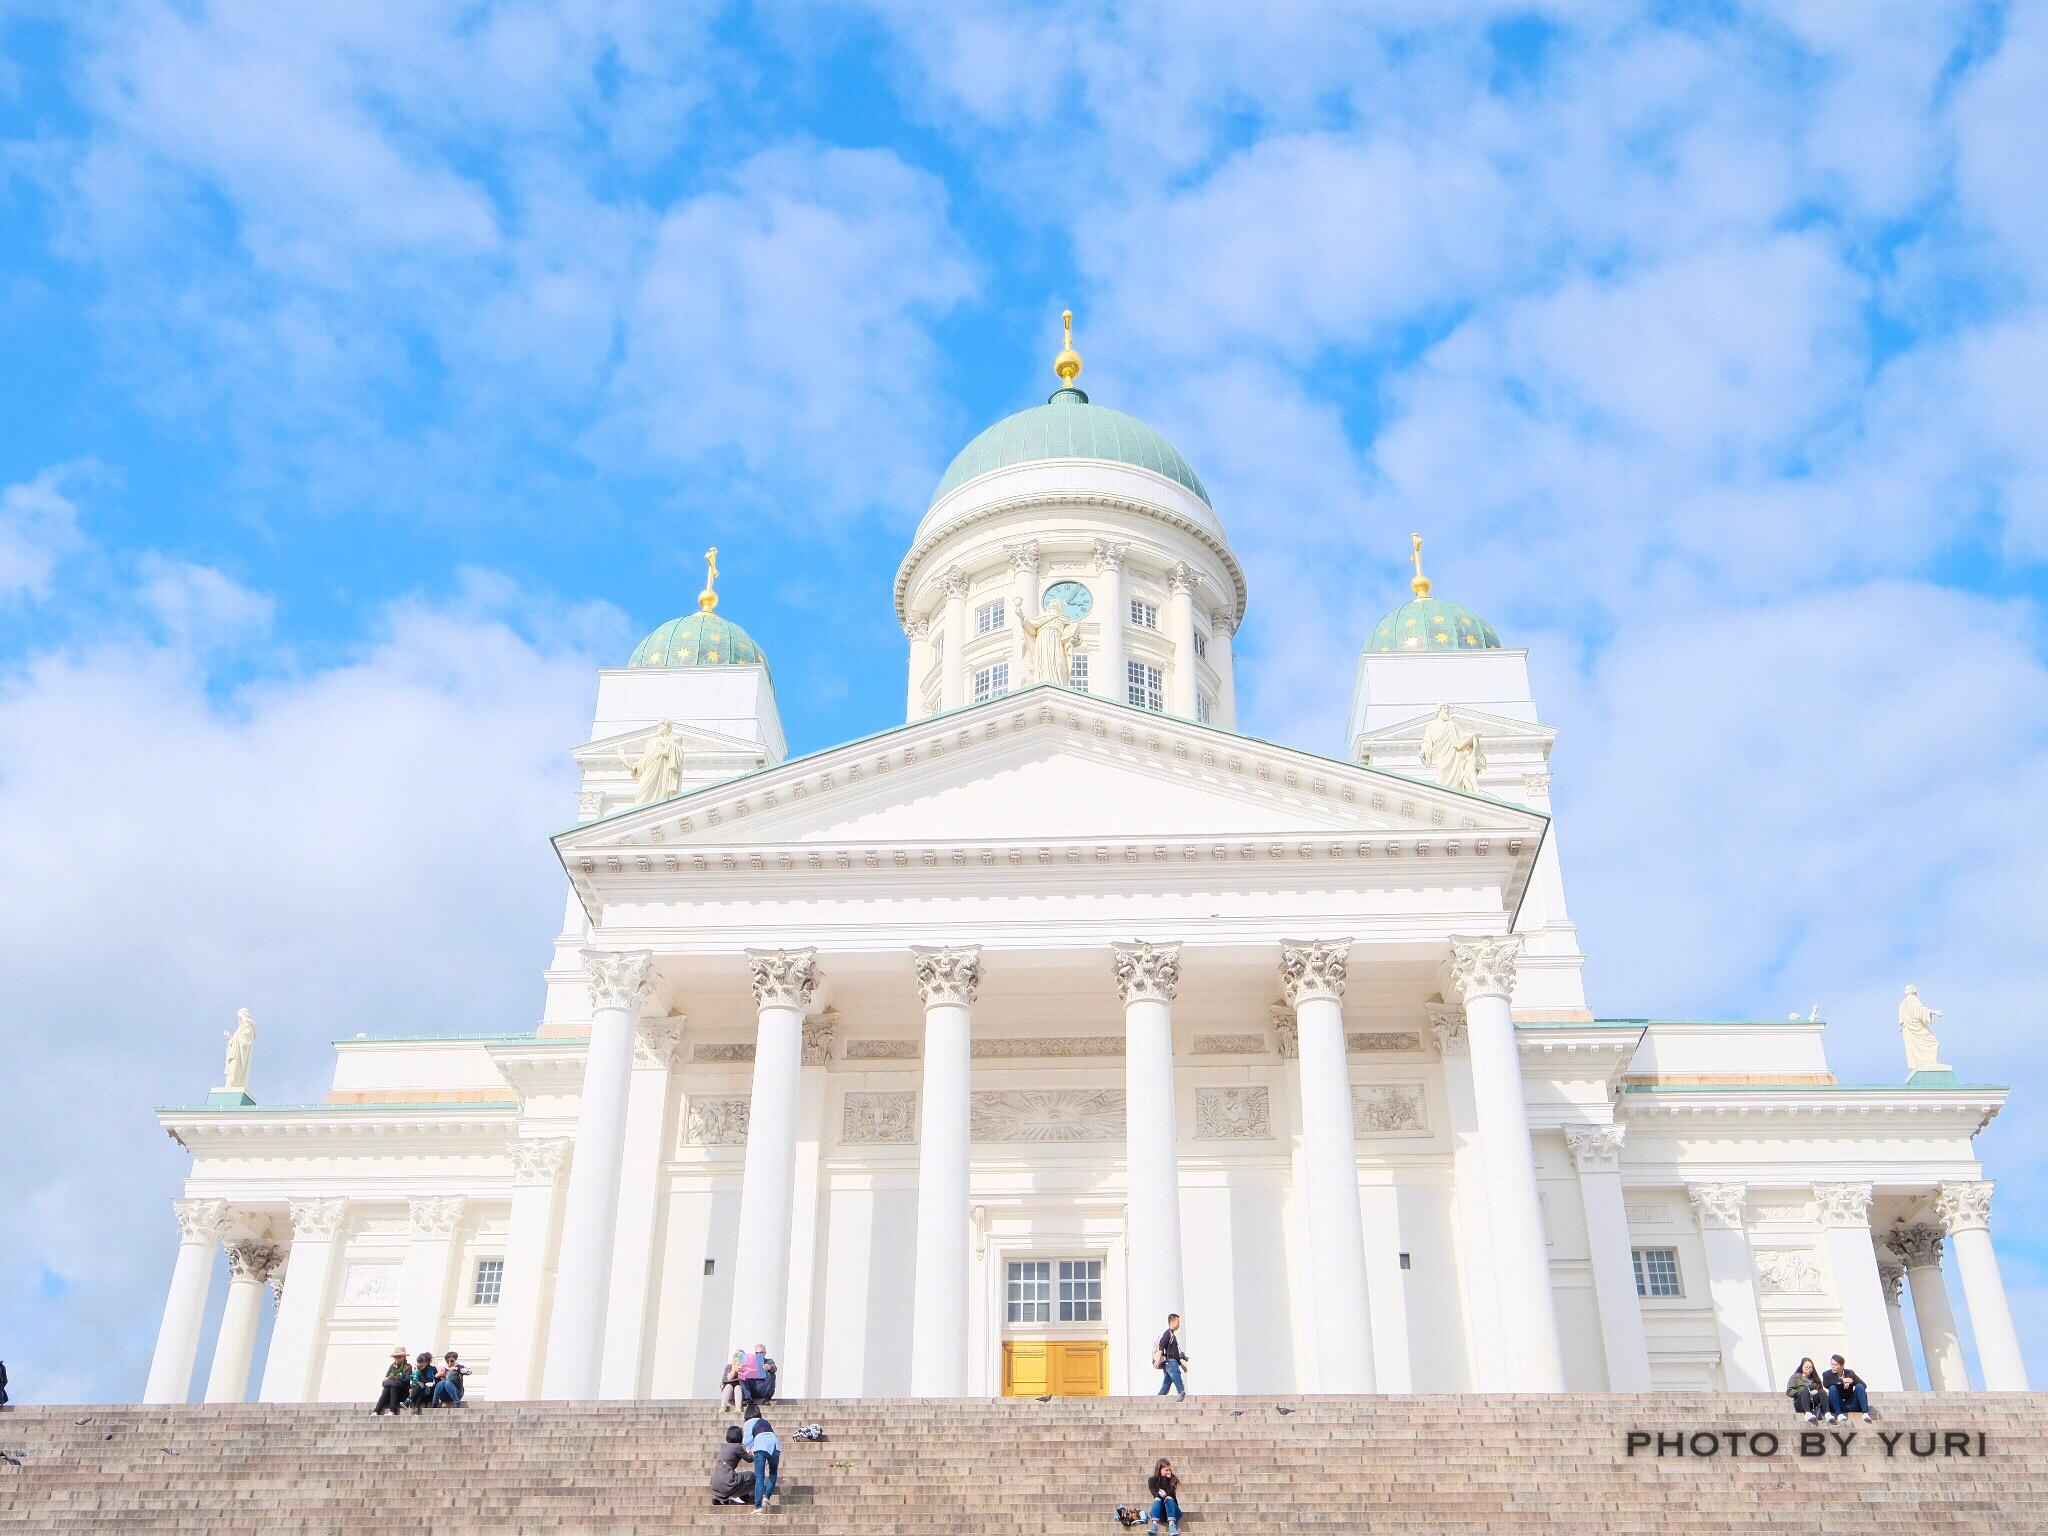 海外旅行初心者にもおすすめ!ヘルシンキ女子旅のヒントと観光スポットをご紹介